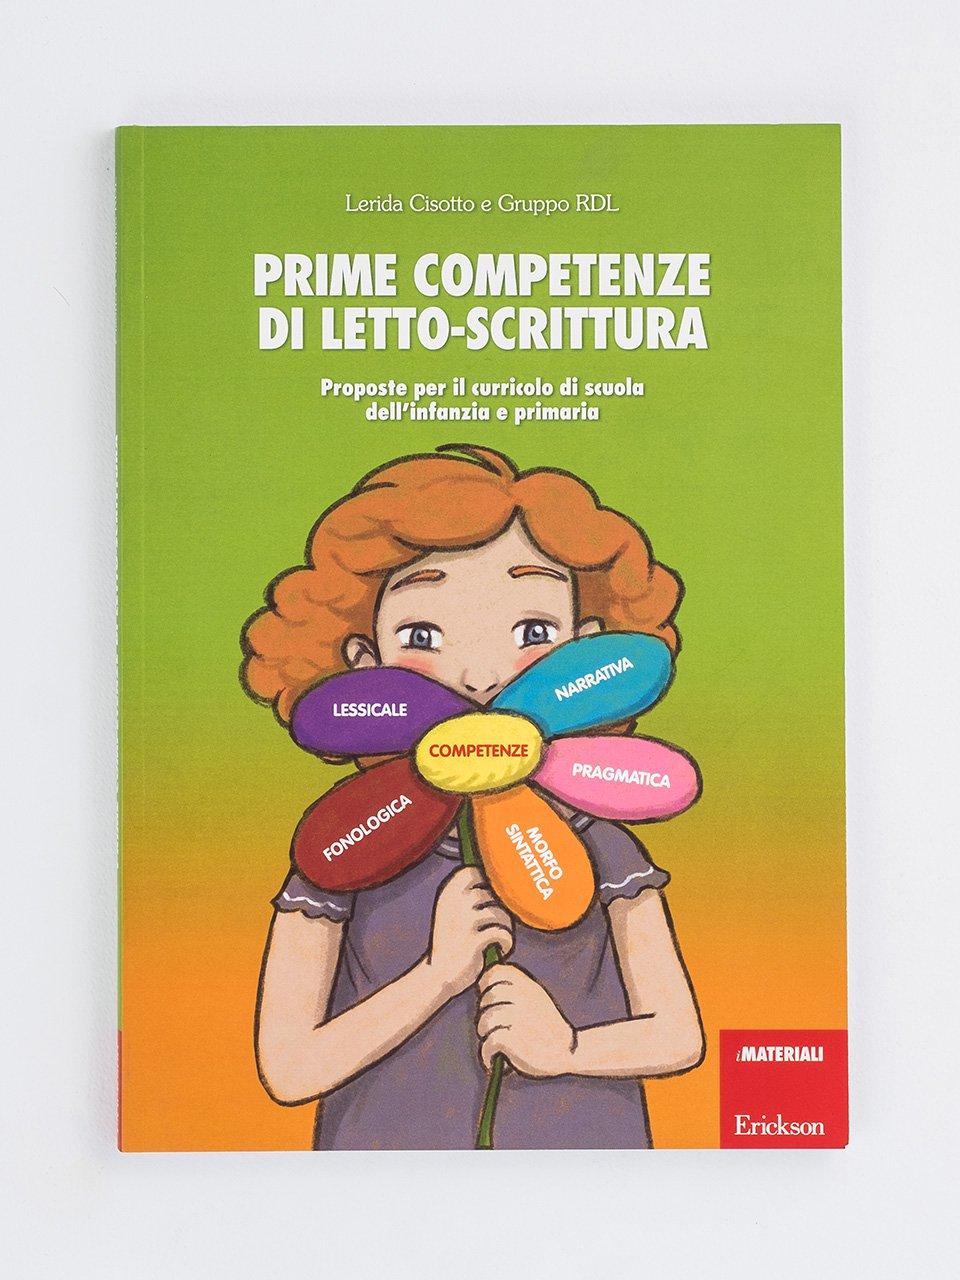 Prime competenze di letto-scrittura - Logopedia e comunicazione - Riviste - Erickson 2